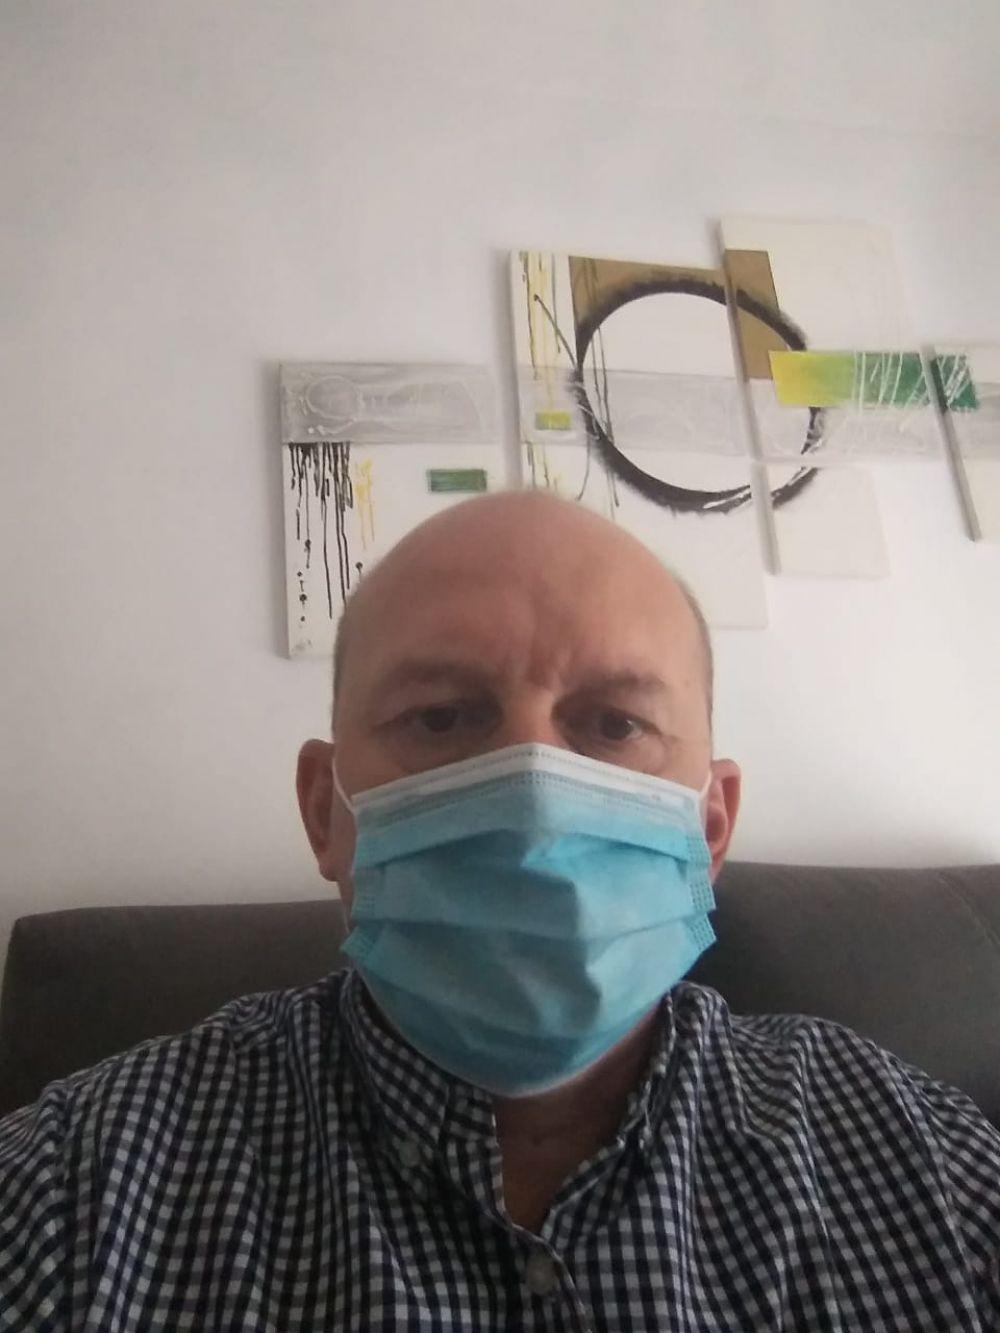 La internación fue traumática, quería ser un analfabeto de la medicina